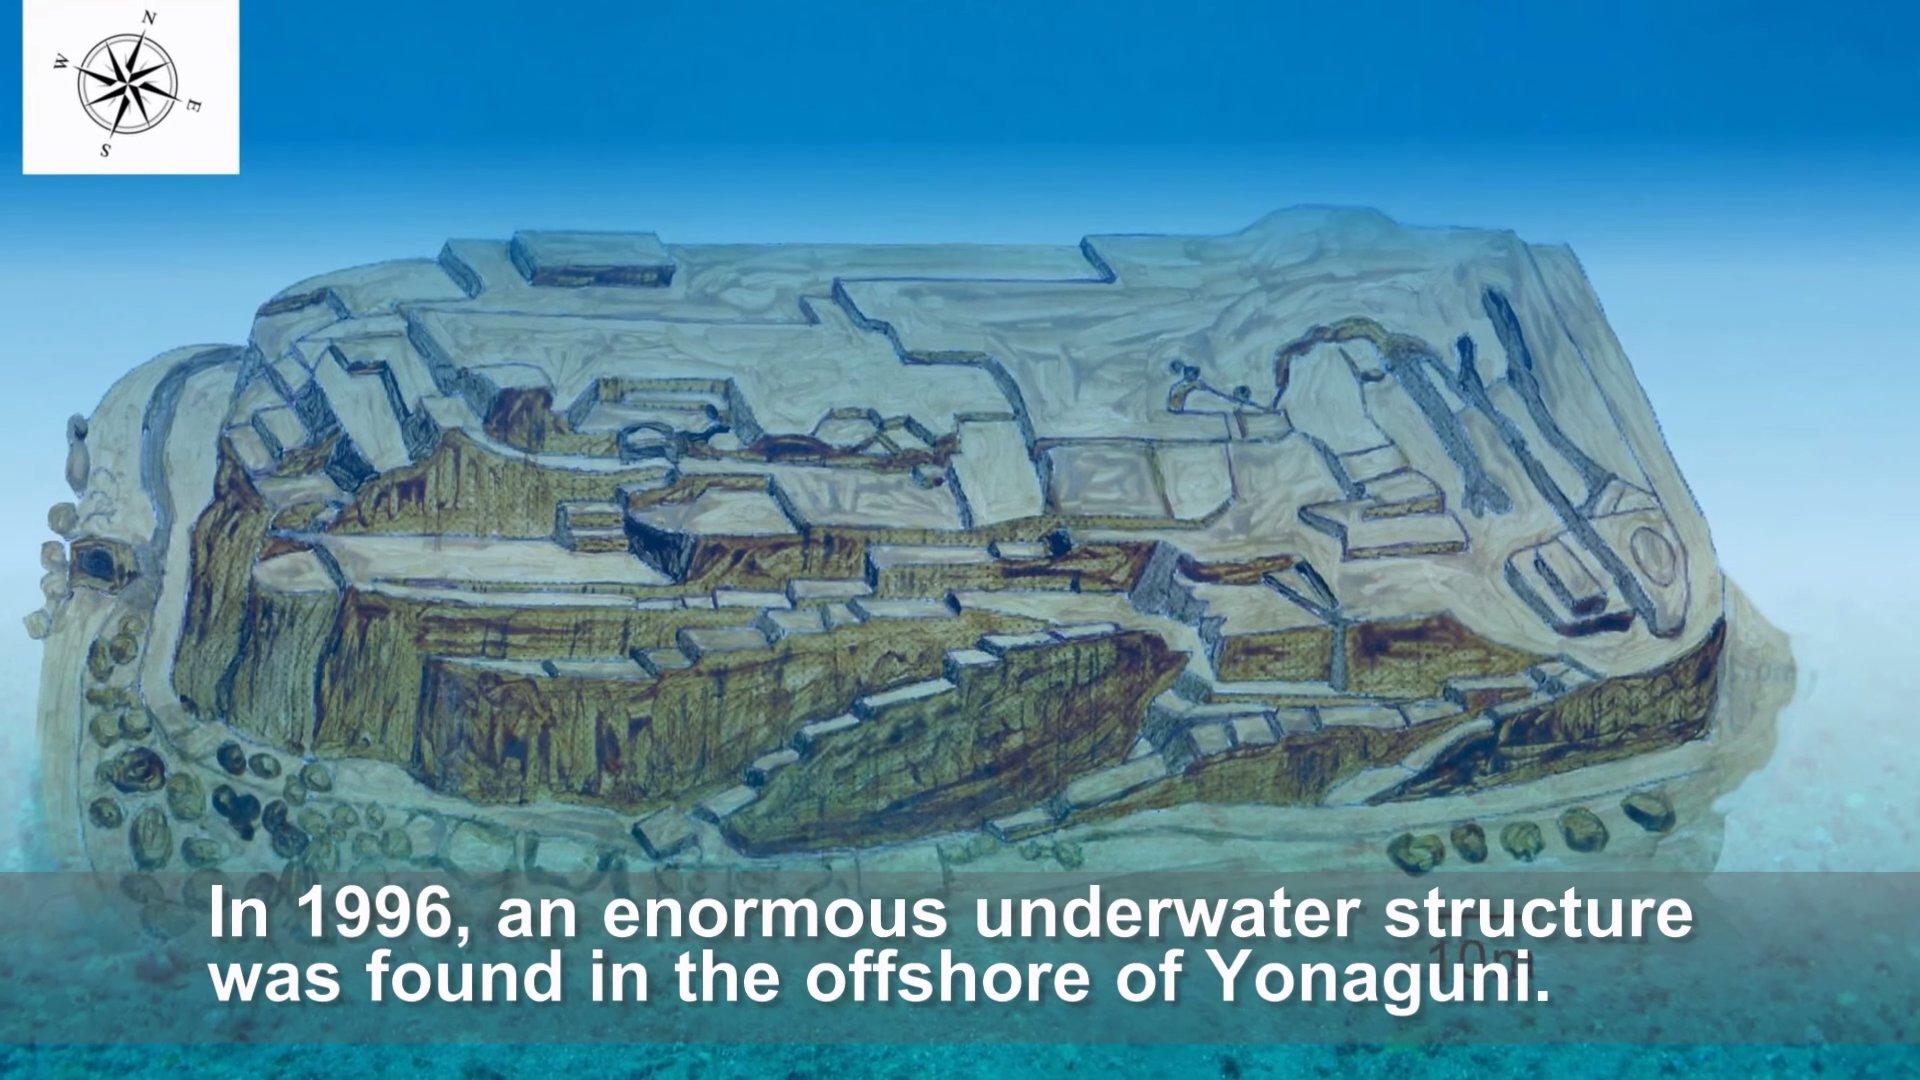 Ảnh mô phỏng lại toàn cảnh 1 công trình nằm trong di tích Yonaguni (ảnh: Youtube)